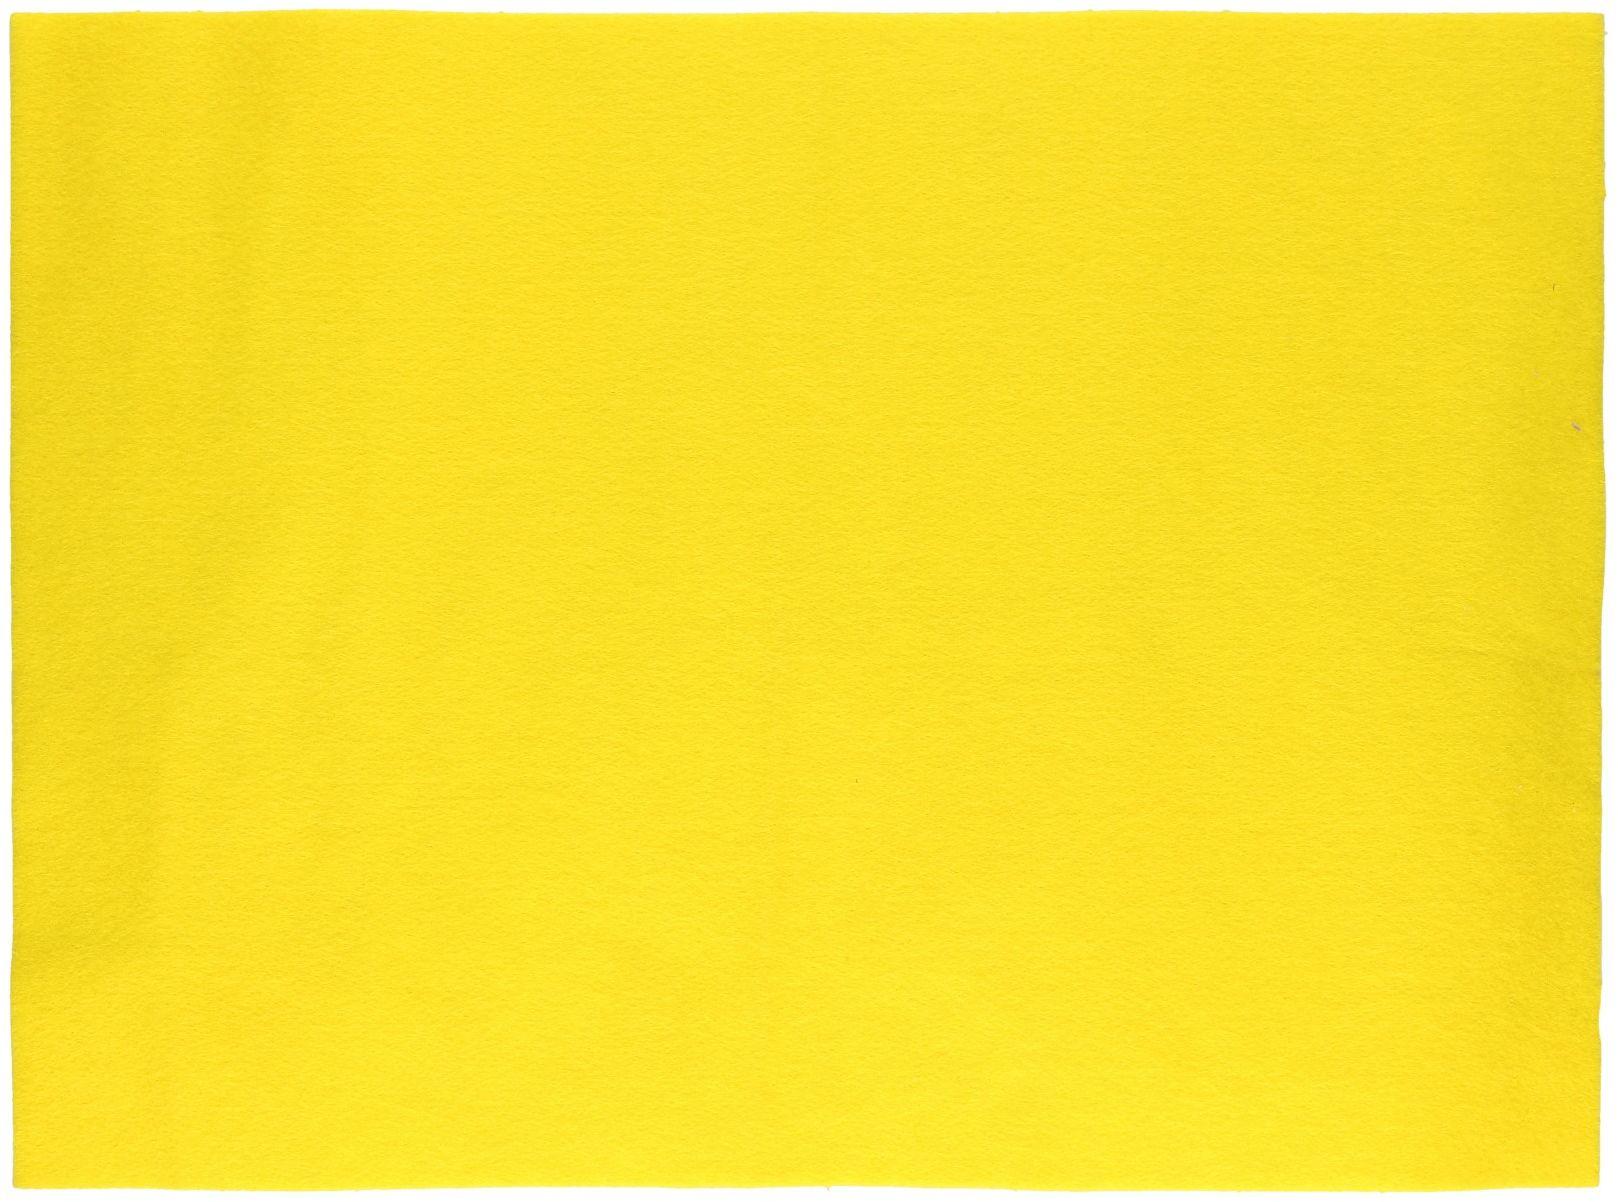 Filc samoprzylepny 30x40 żółty